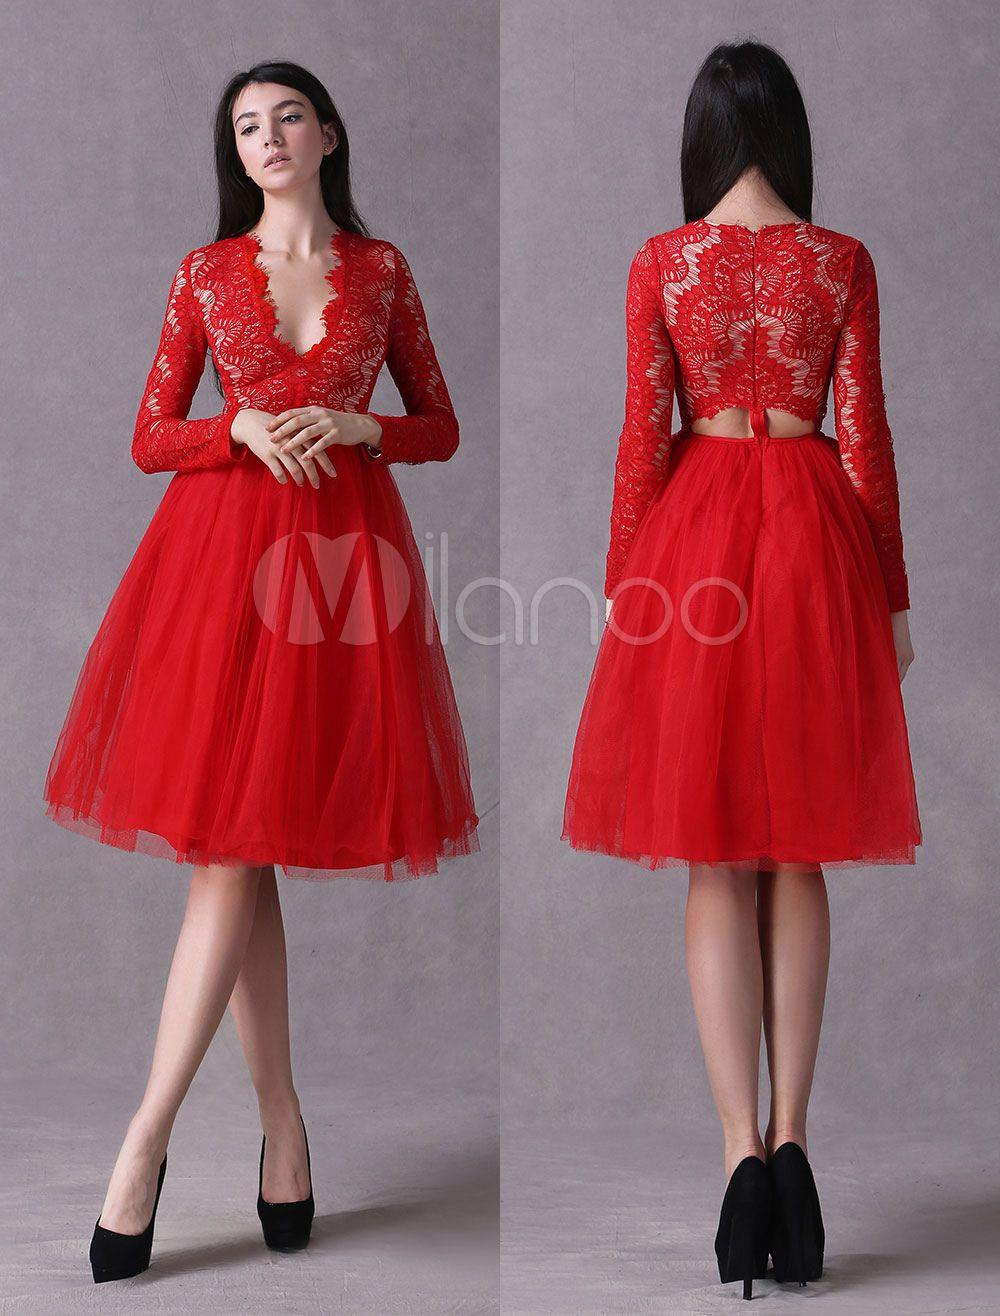 Pin von little fox auf Occasion Dress, Evening Dress, Party Dress ...